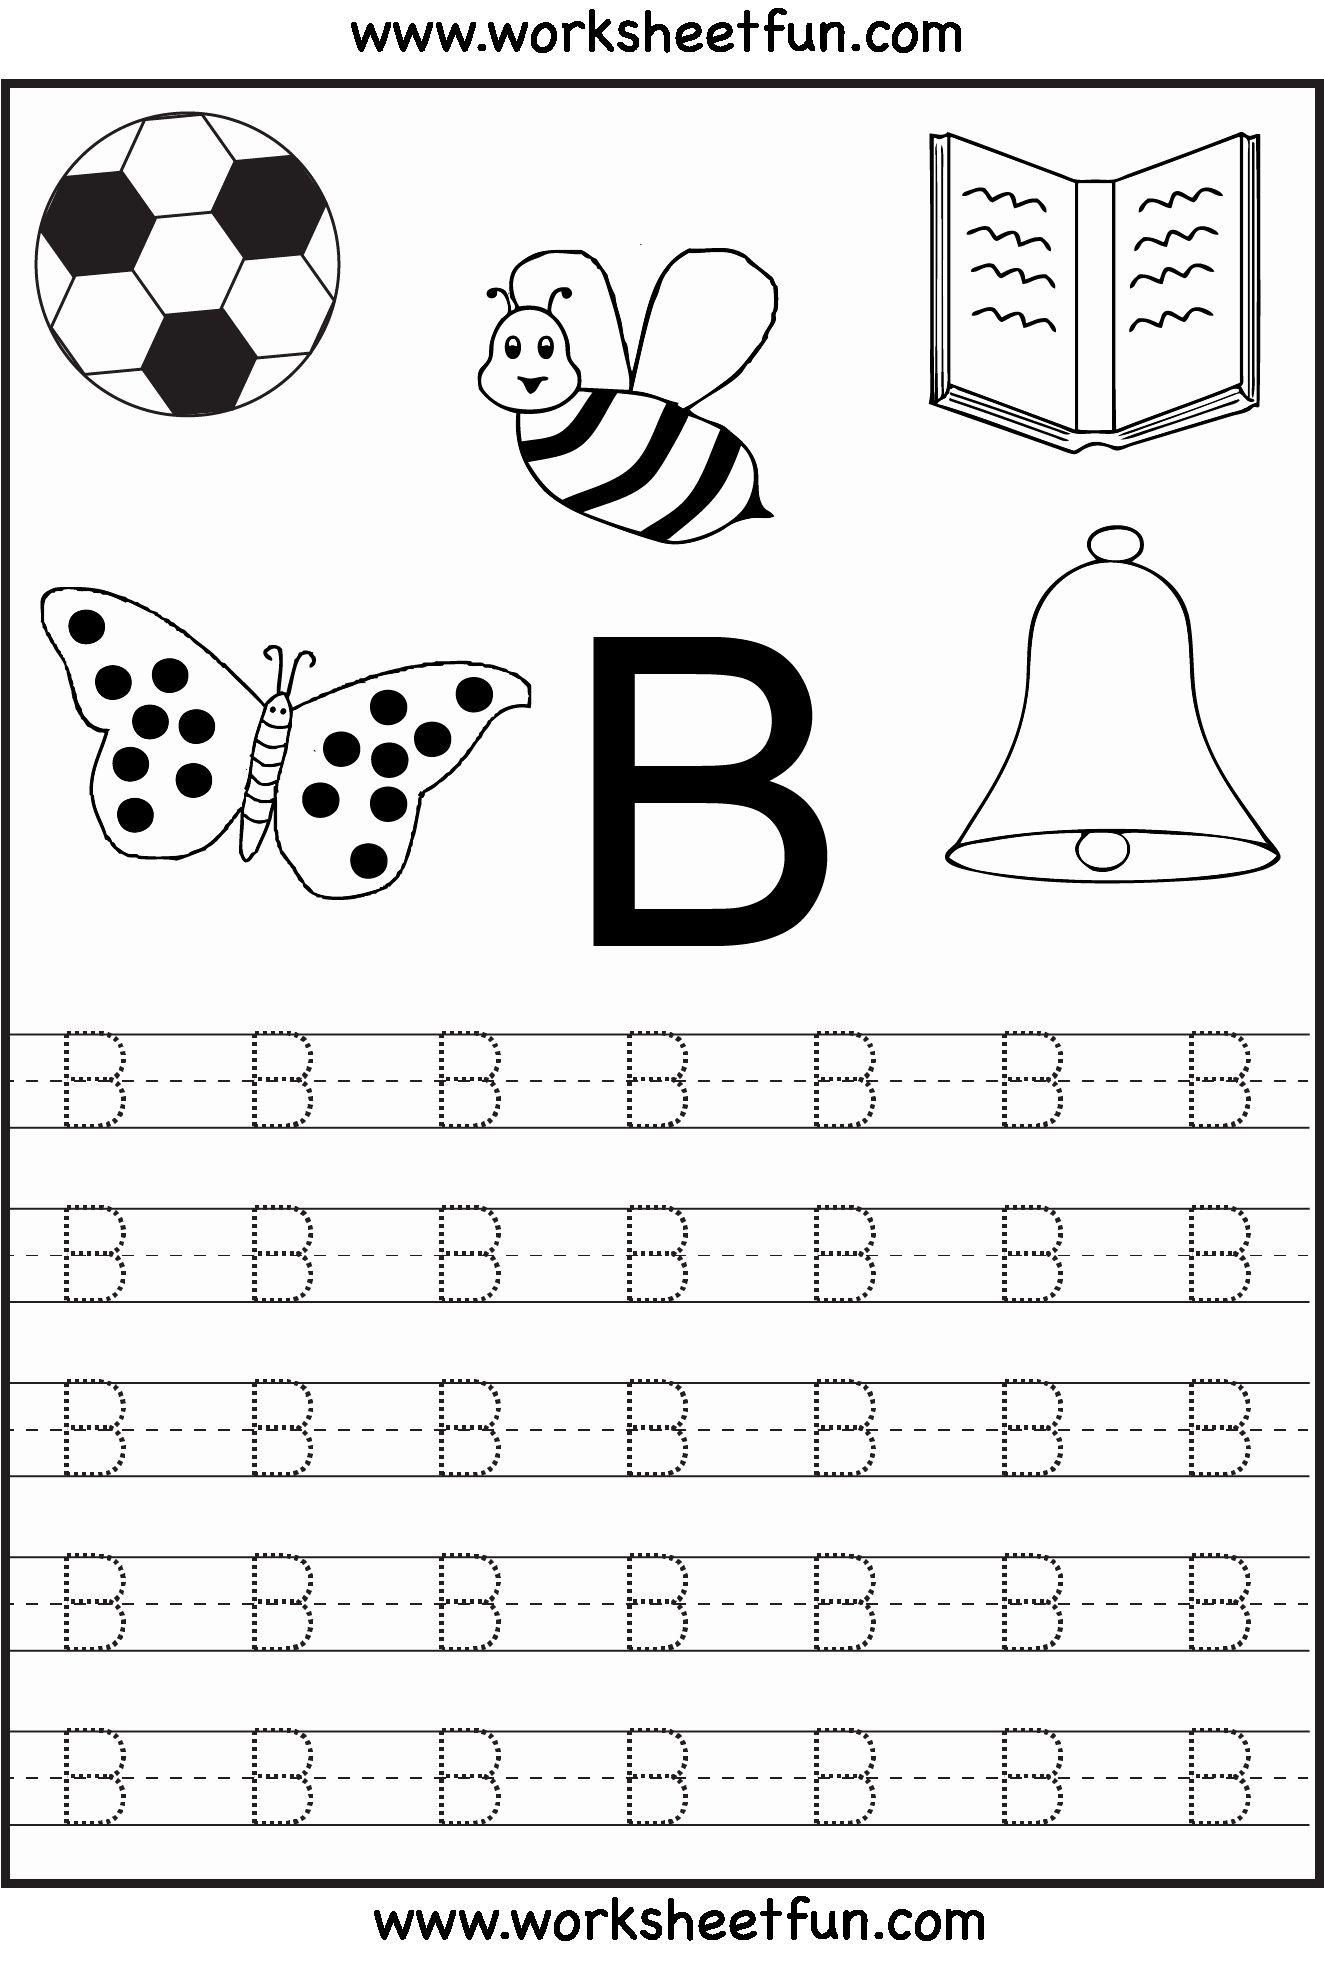 Alphabet Coloring Worksheets A-Z Pdf In 2020 (With Images inside Letter B Worksheets For Kindergarten Pdf